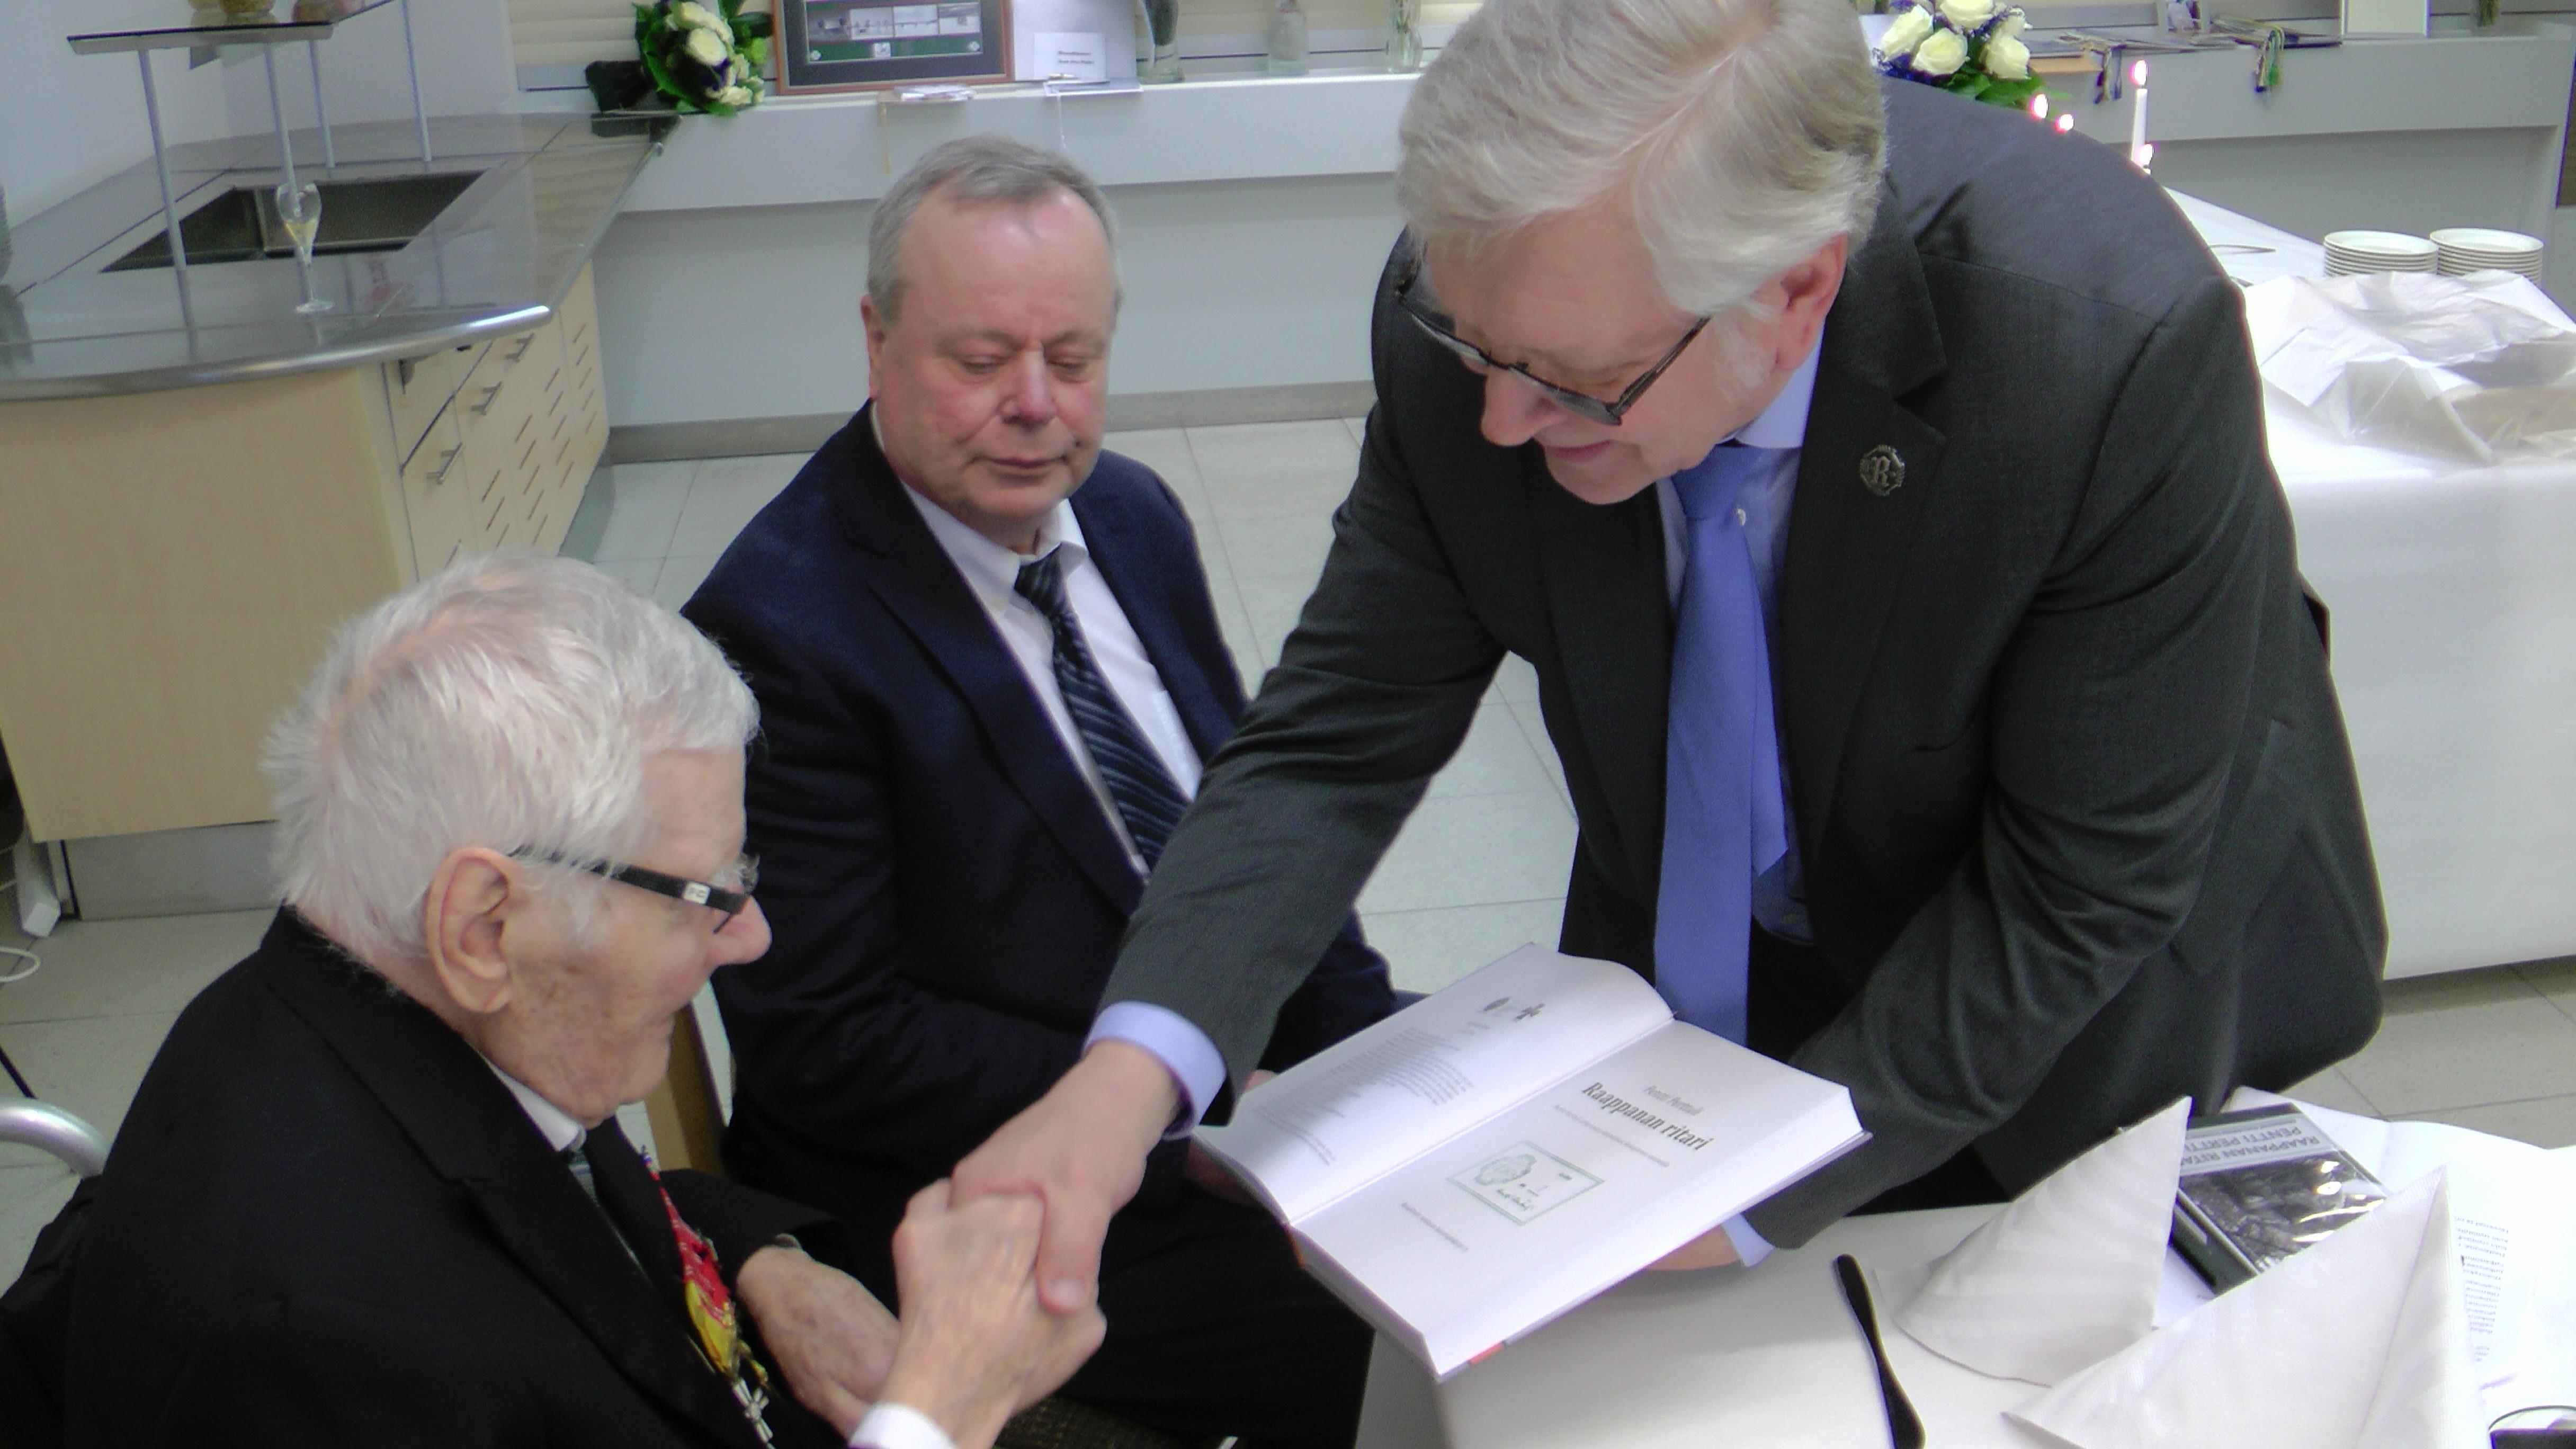 Raappanan ritari, Pentti Perttuli Rukajärven suunnan taisteluissa kirjan numeroitu ensimmäinen kappale luovutettiin 100-vuotiaalle yhdistyksen perustajajäsenelle.